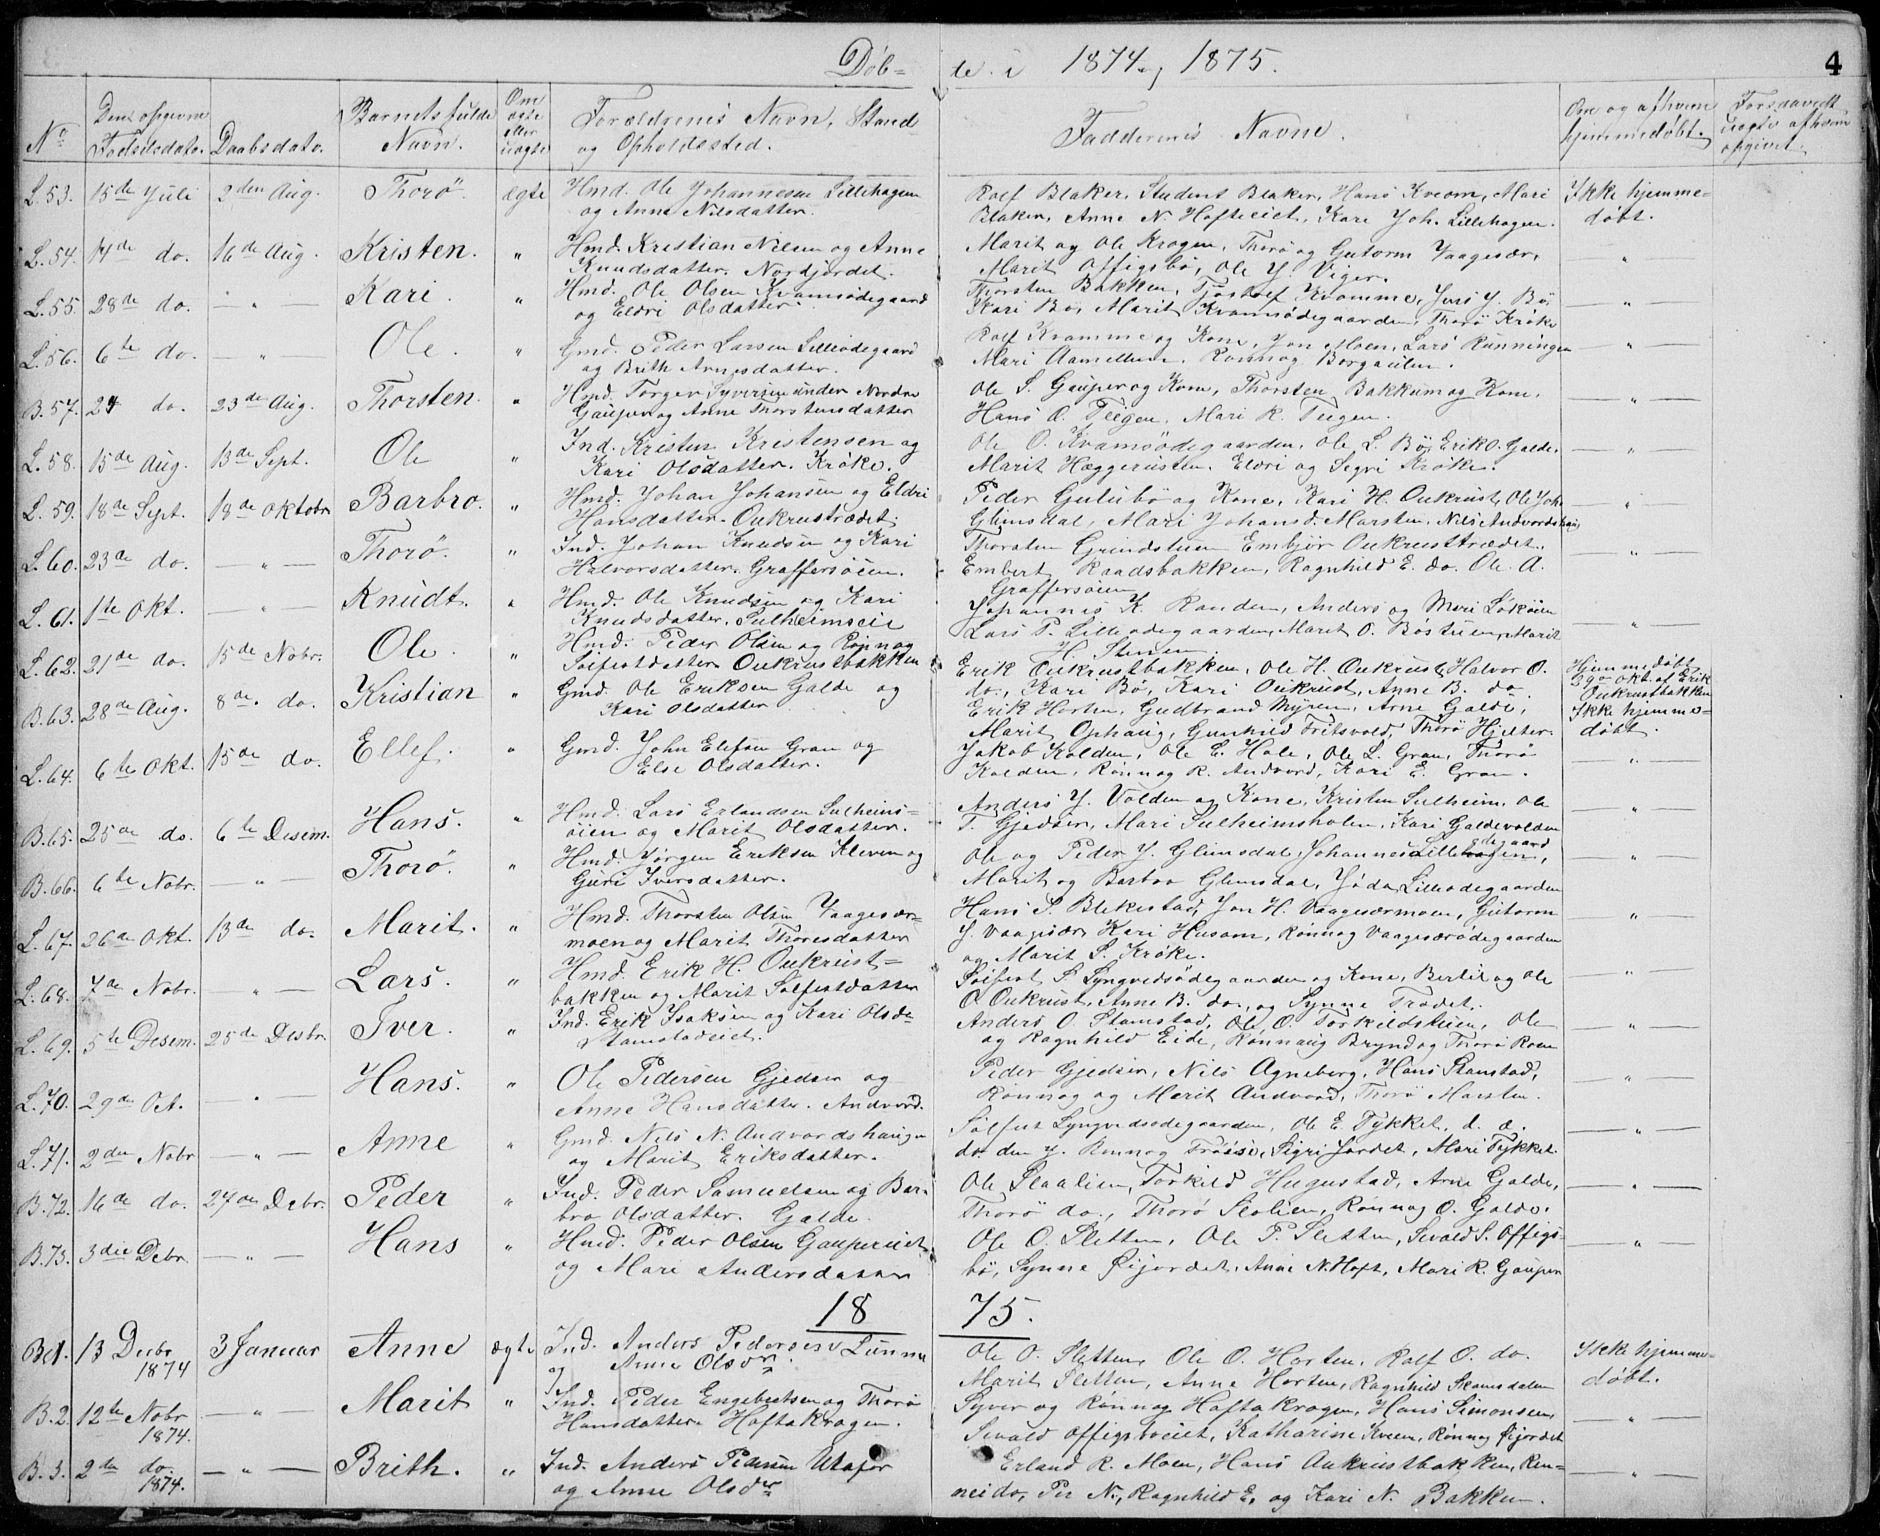 SAH, Lom prestekontor, L/L0013: Klokkerbok nr. 13, 1874-1938, s. 4